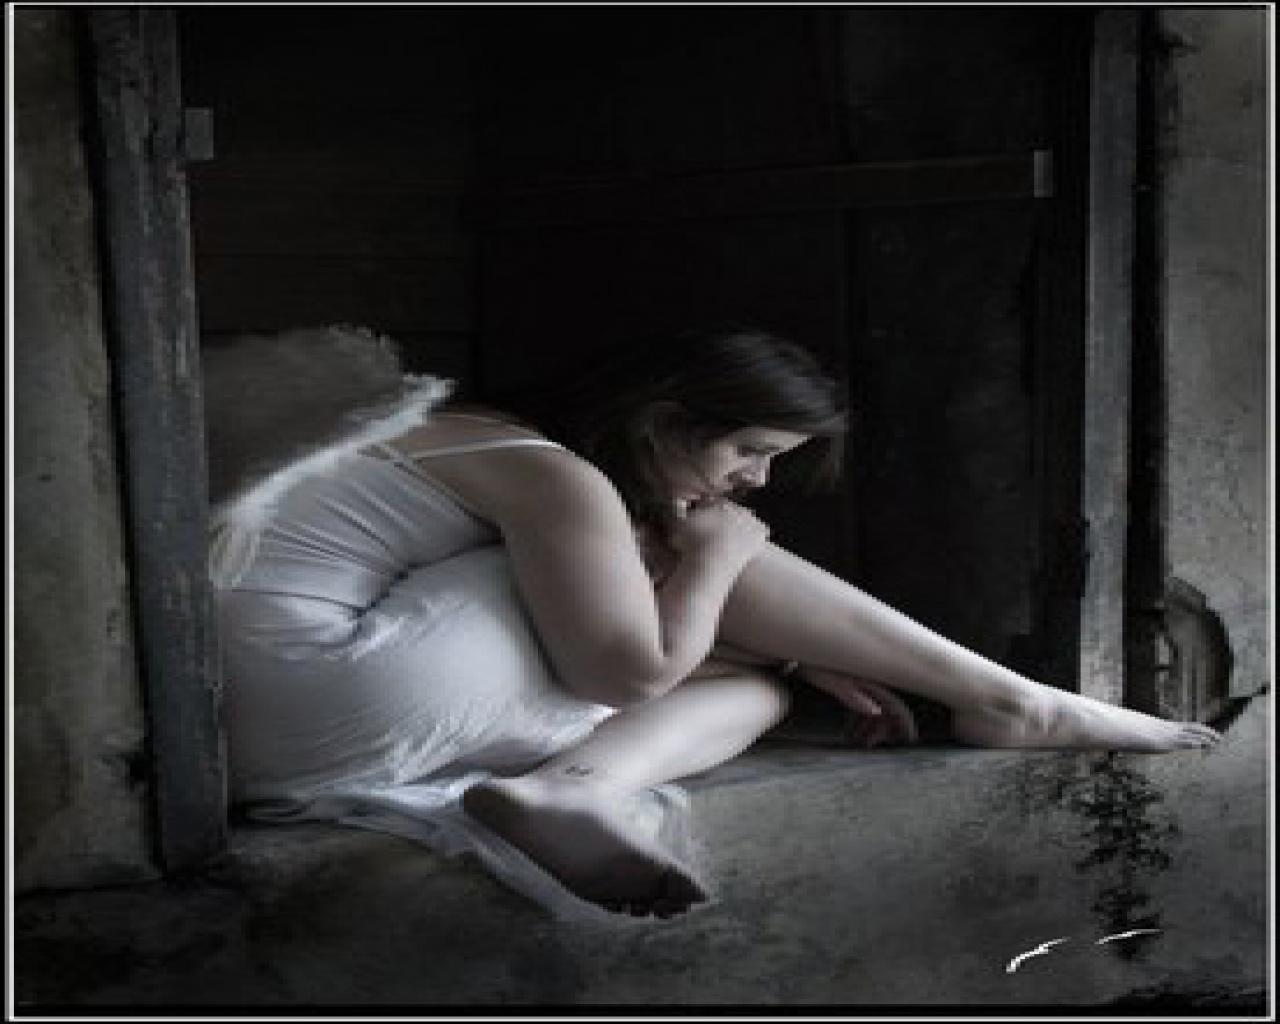 Alone Sad Girl Wallpaper 1280x1024 pixel Popular HD Wallpaper 5255 1280x1024